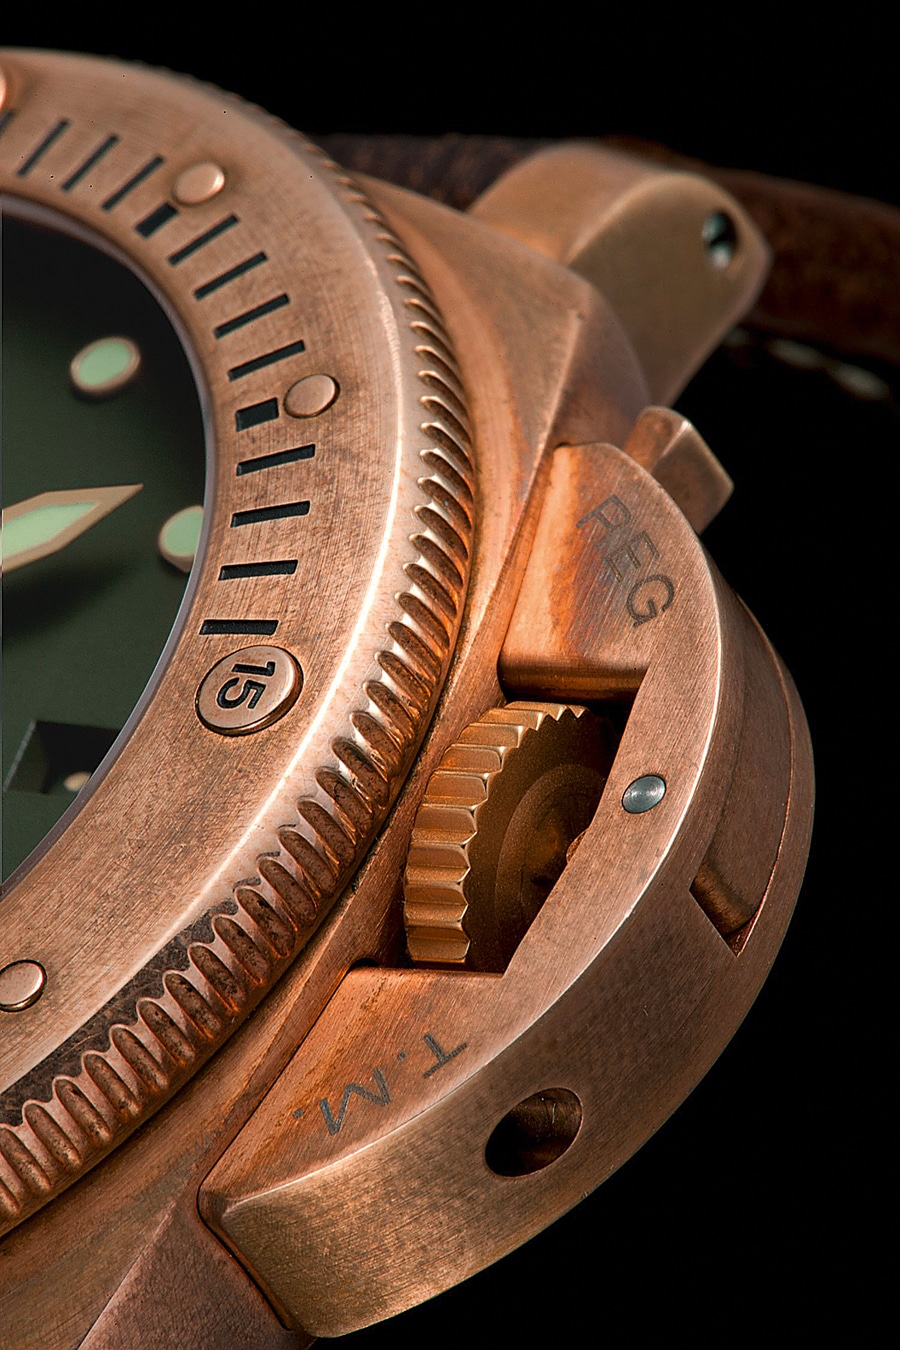 Panerai Luminor, eine Bronze-Uhr als Hommage an die Welt der Meere.